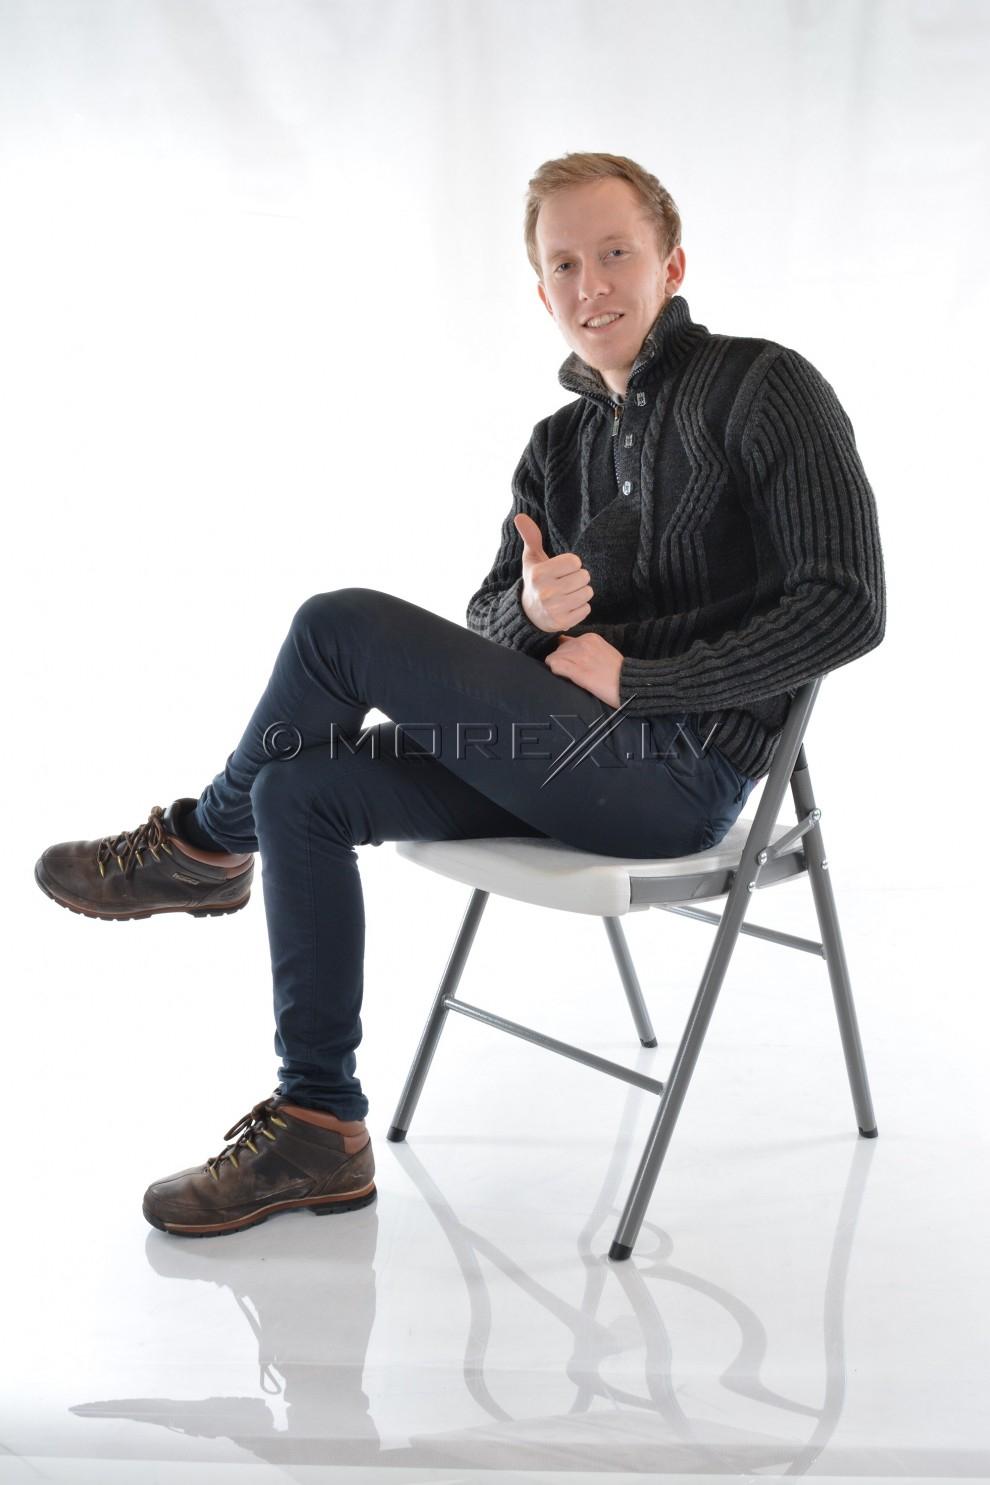 Kokkupandav tool seljatoega